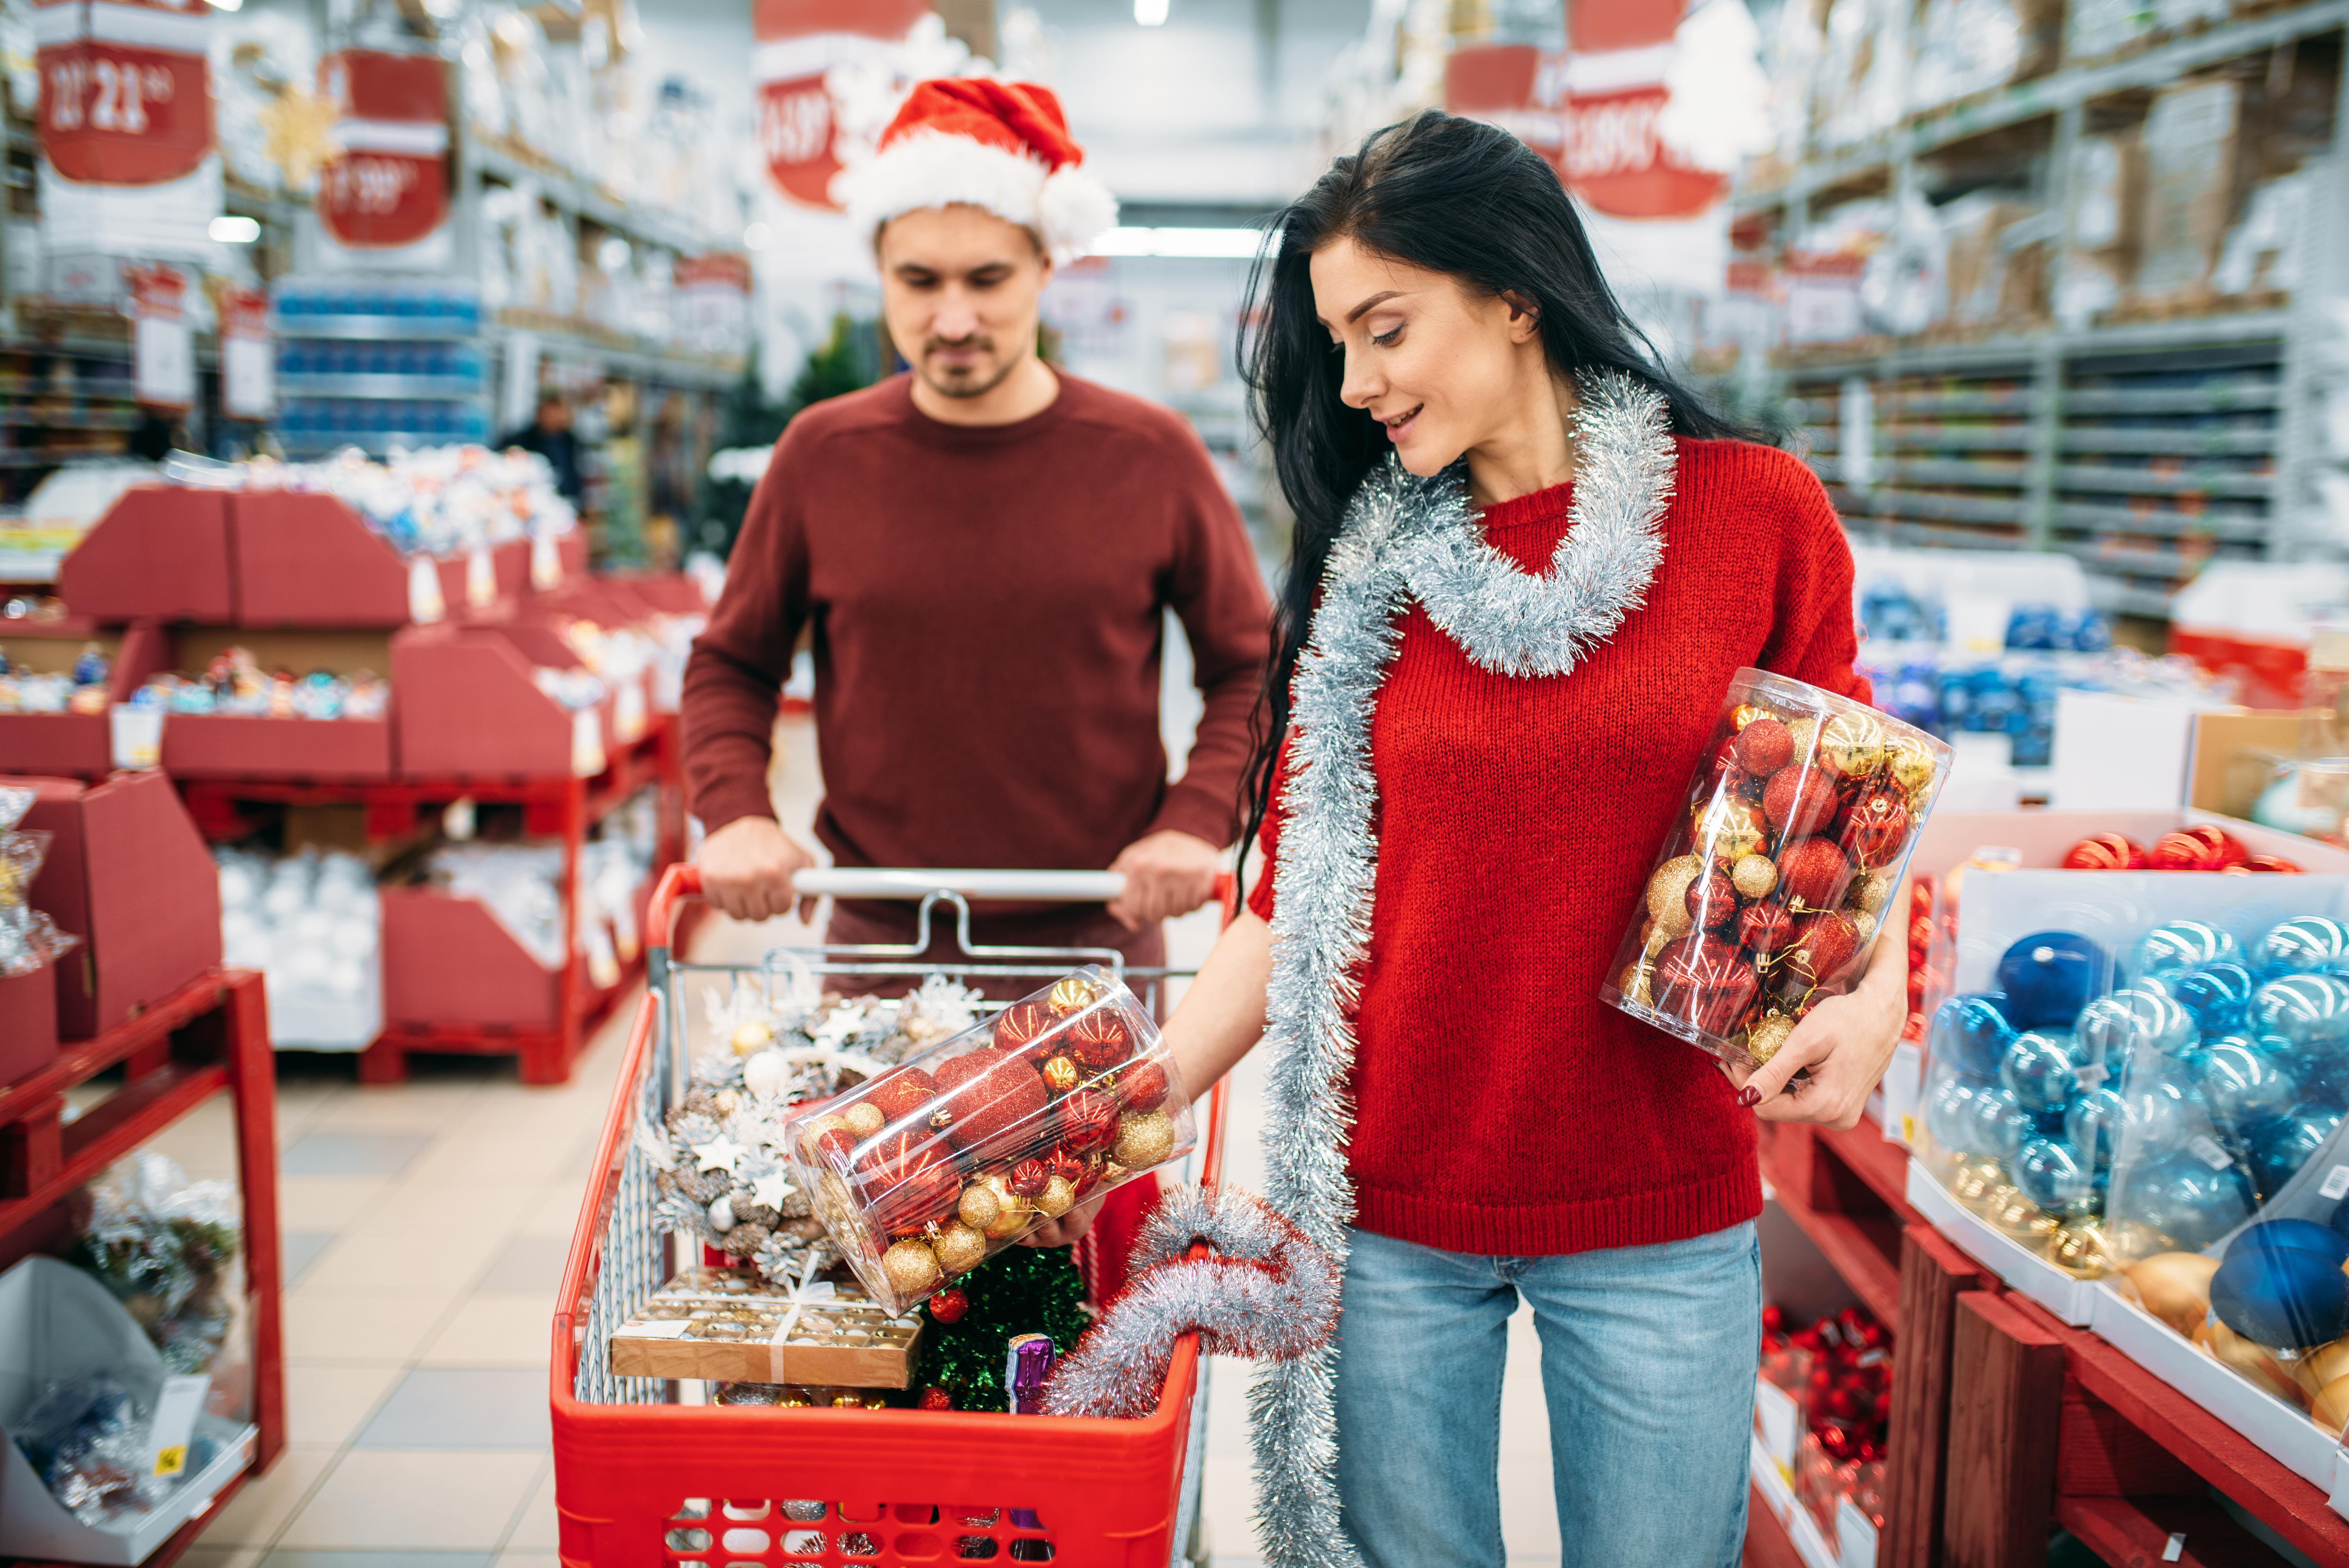 Marketing Strategies to Maximize Your Holiday Season